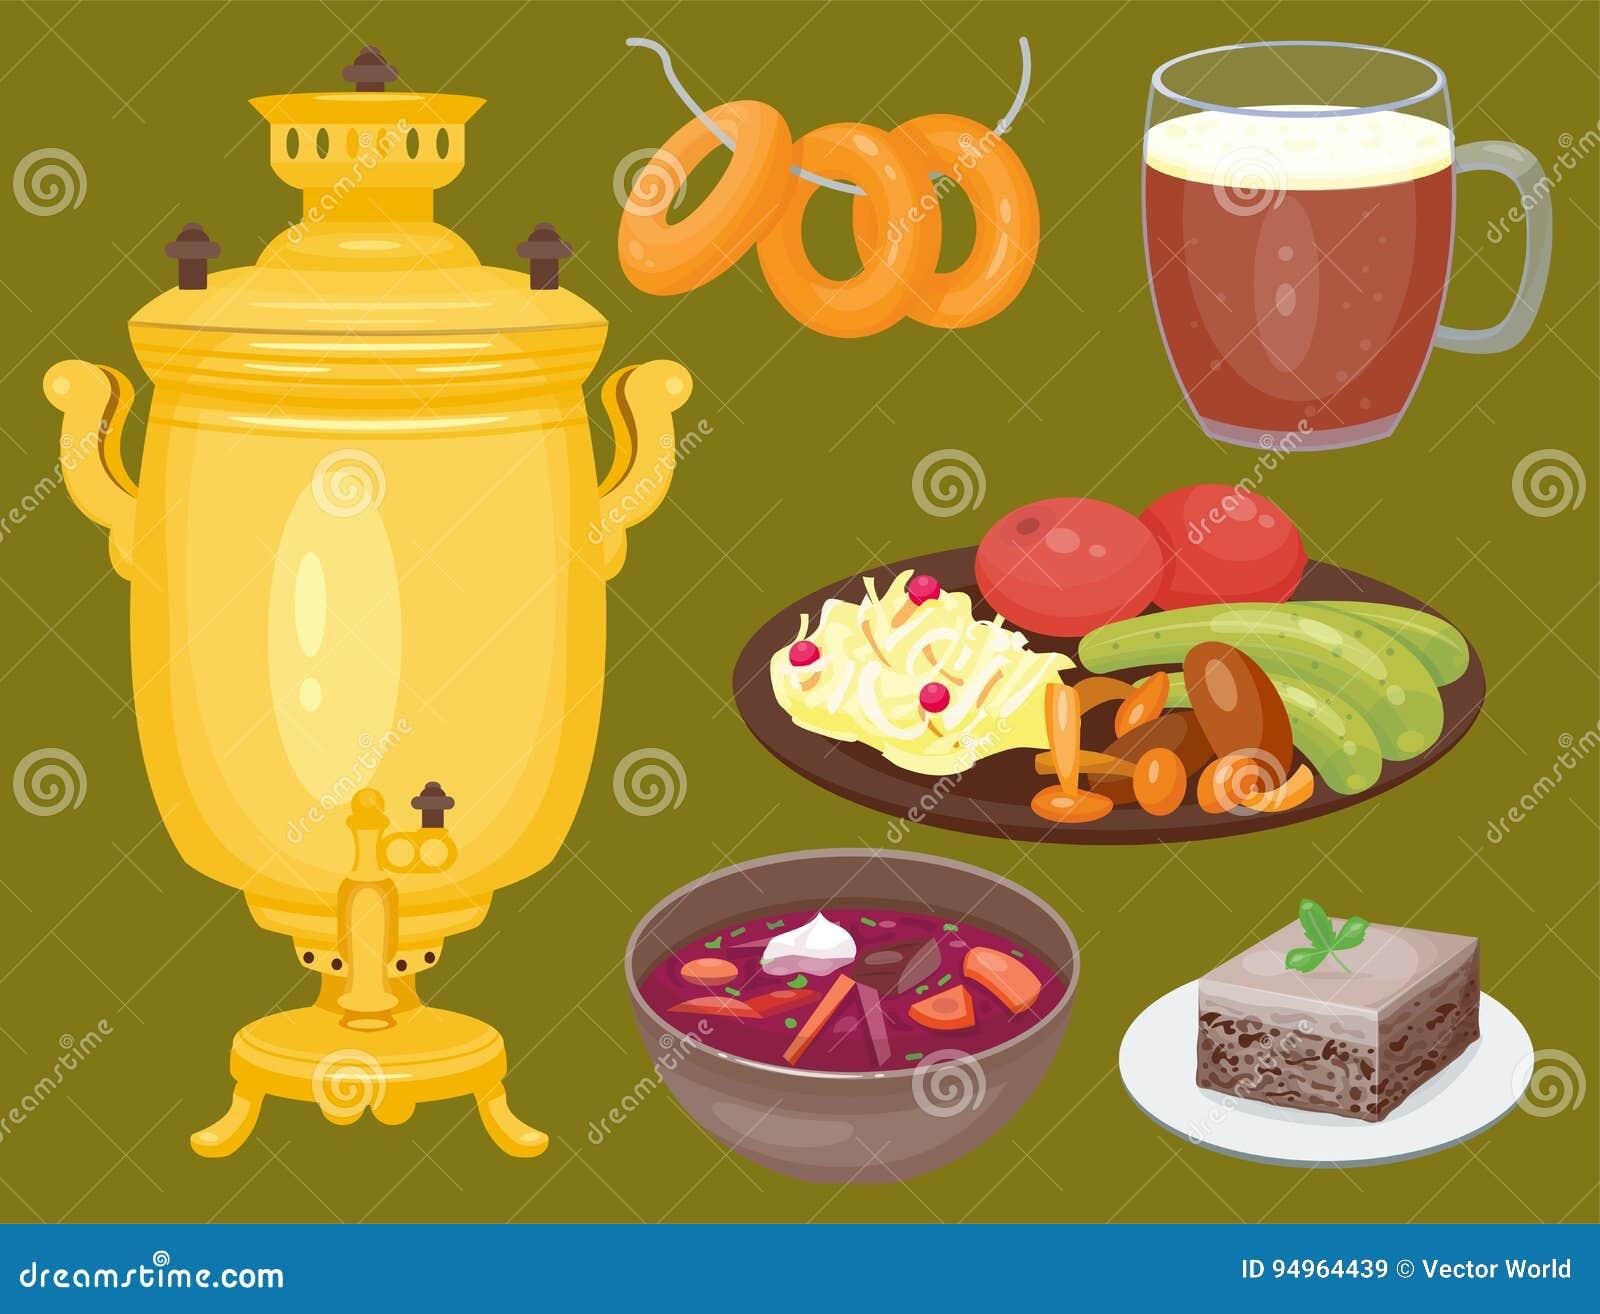 Boa vinda tradicional do alimento do curso do prato de cultura da culinária do russo à ilustração nacional gourmet do vetor da re